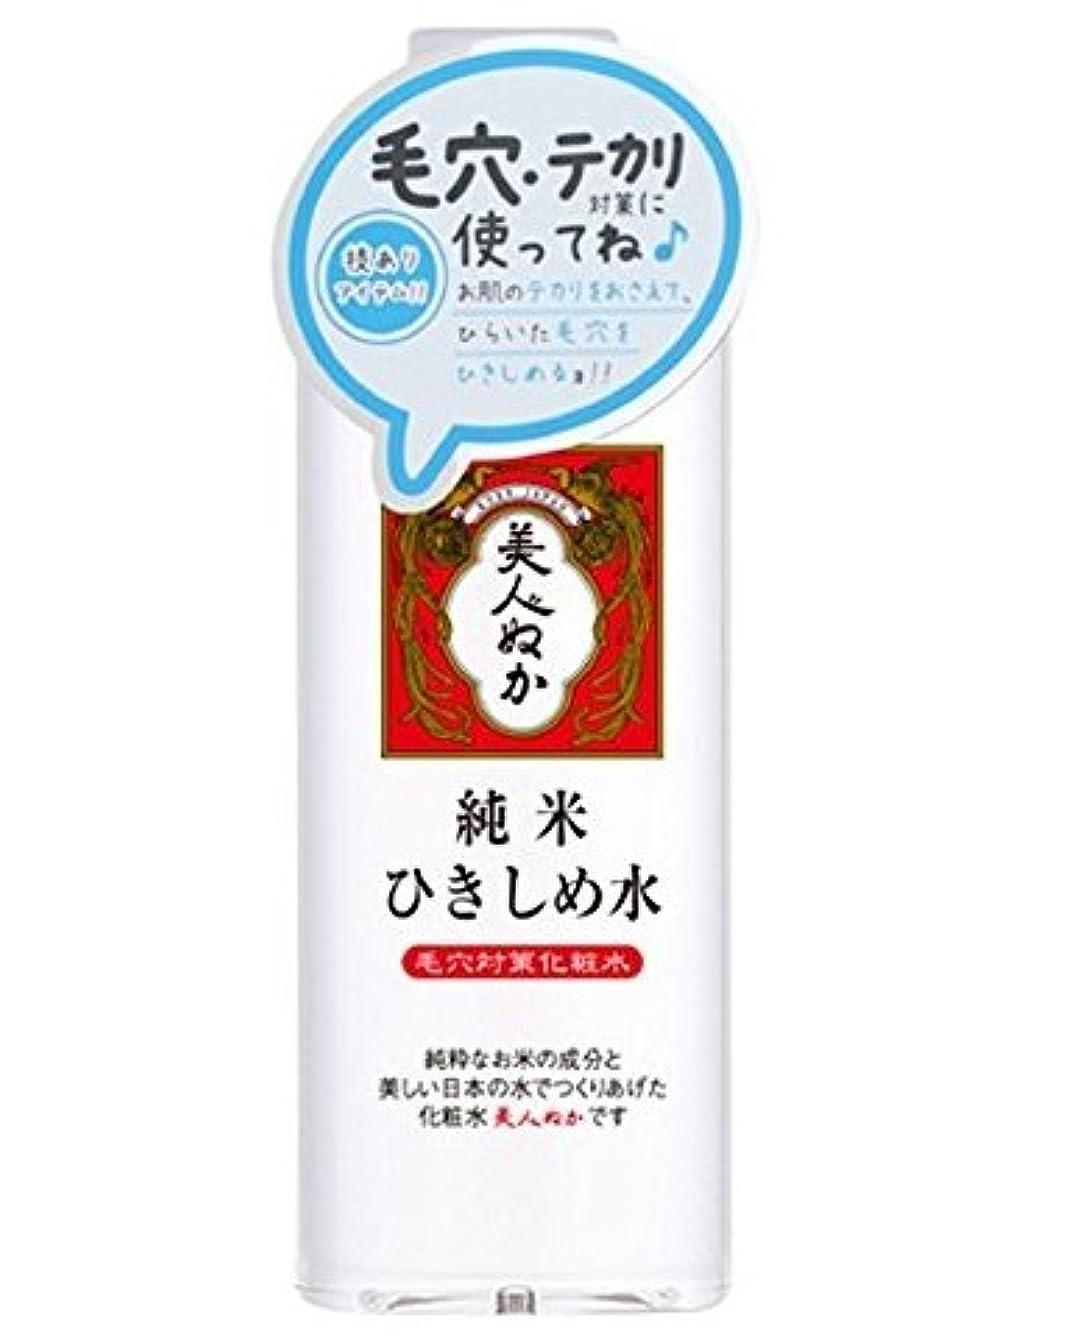 ライオン見物人帳面純米ひきしめ水 190ml × 24個セット